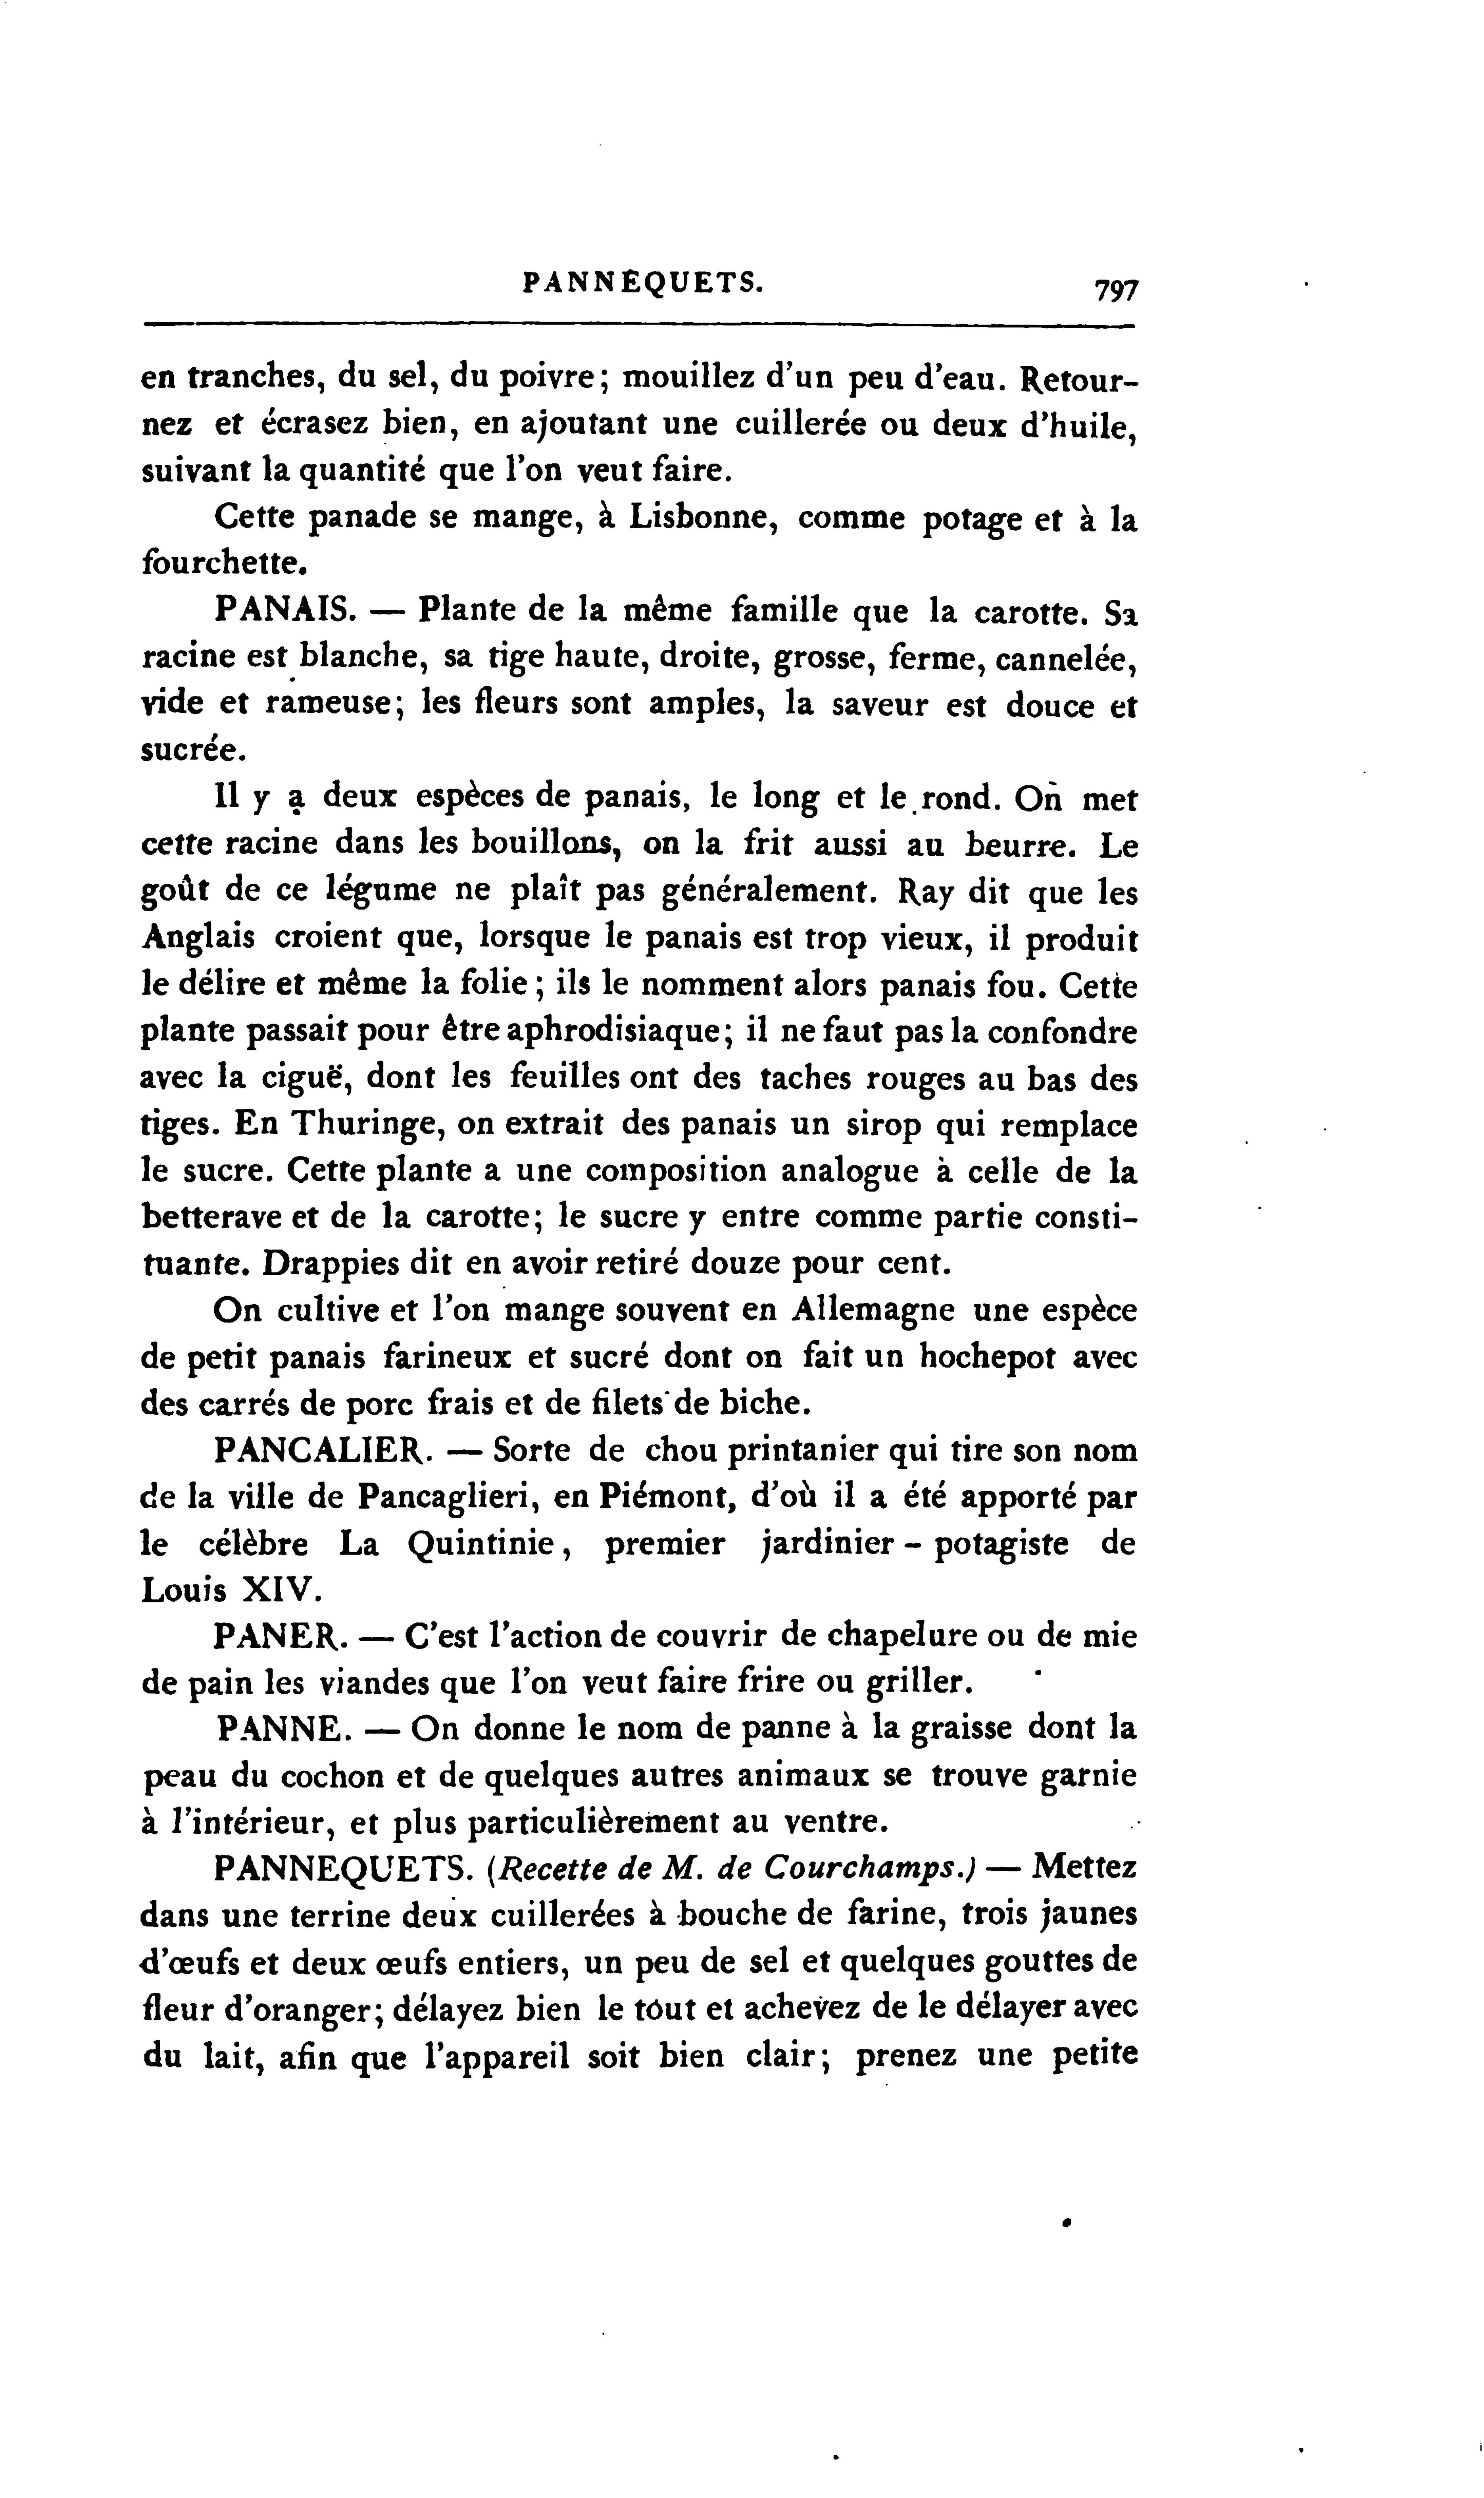 Page dumas grand dictionnaire de cuisine for Alexandre dumas grand dictionnaire de cuisine 1873